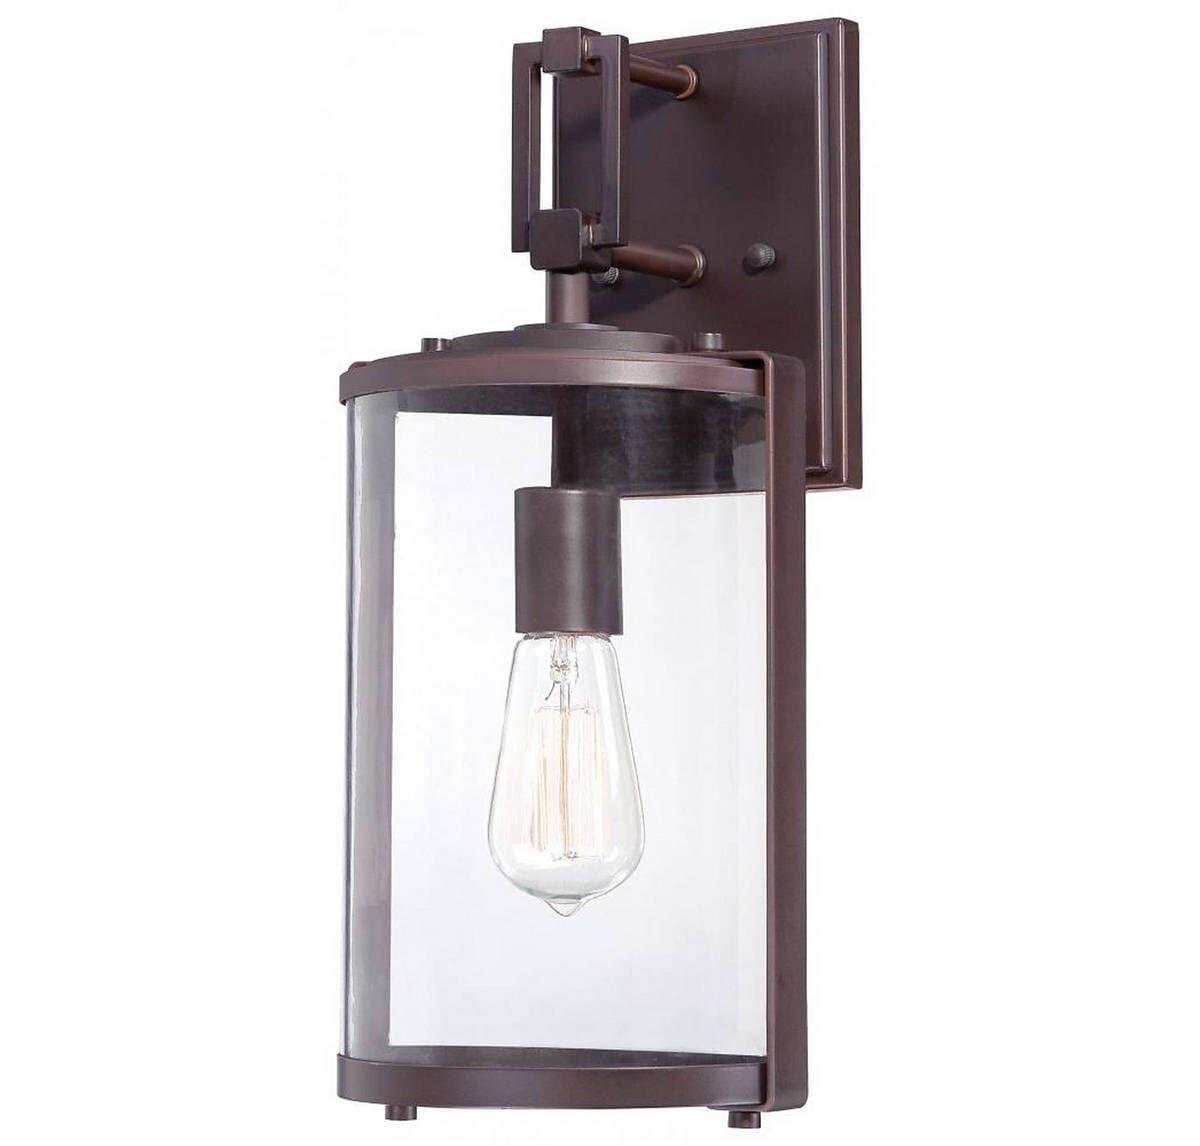 Ladera Outdoor Lantern In Alder Bronze